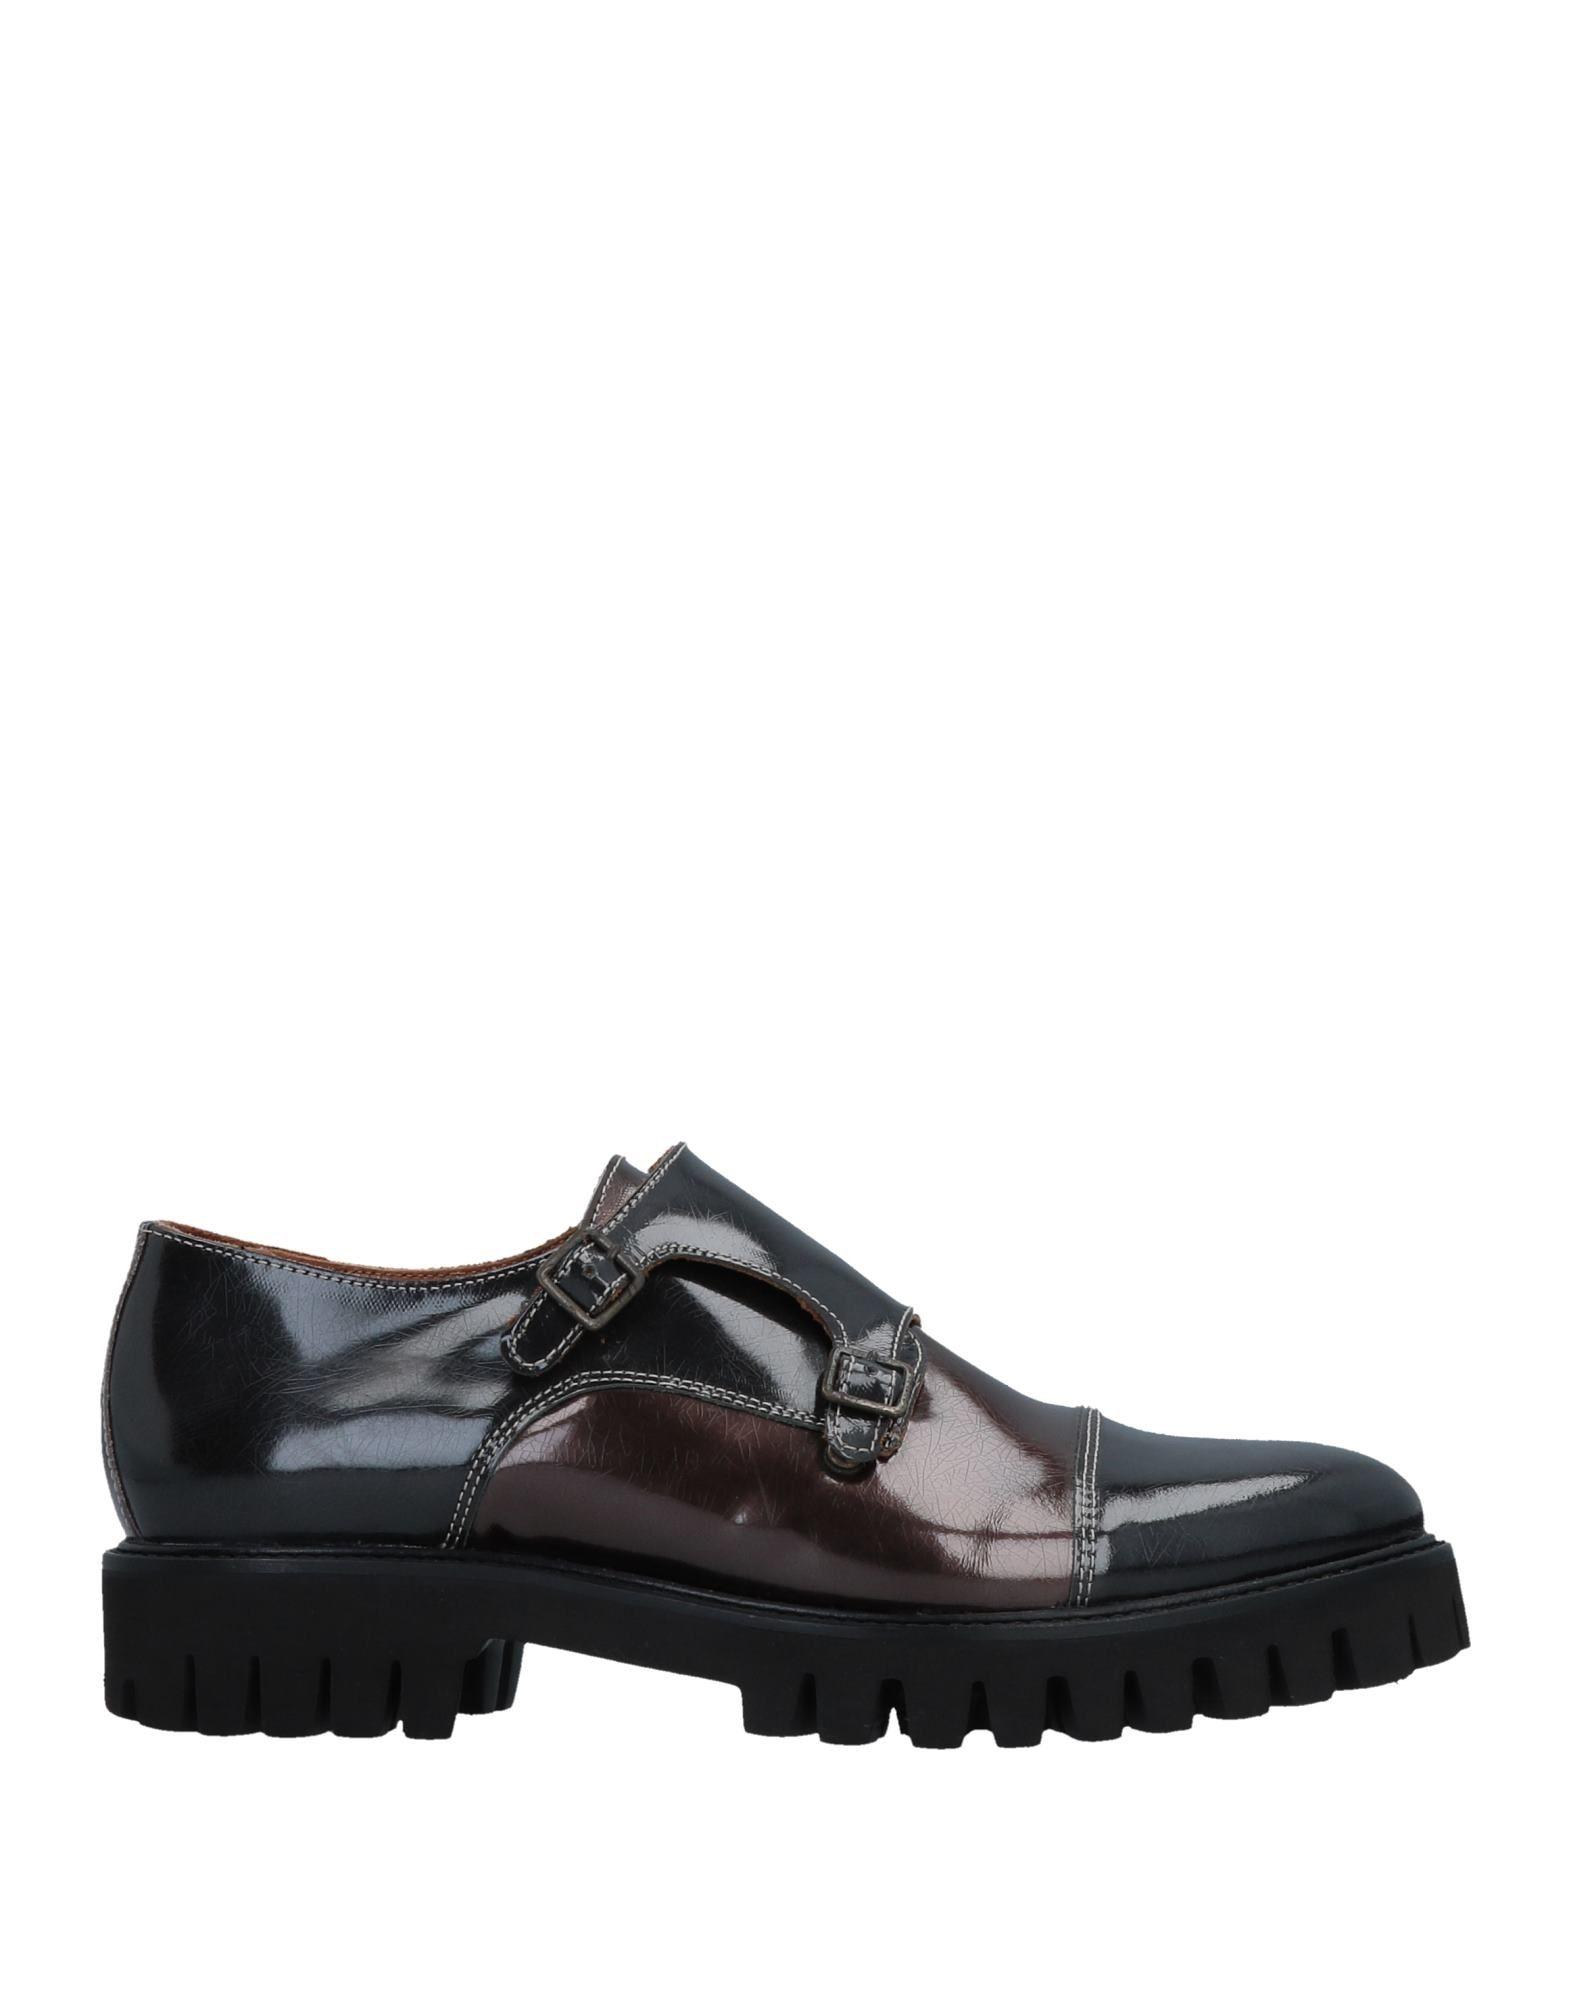 Catarina Martins Mokassins Damen  11507208HT Gute Qualität beliebte Schuhe